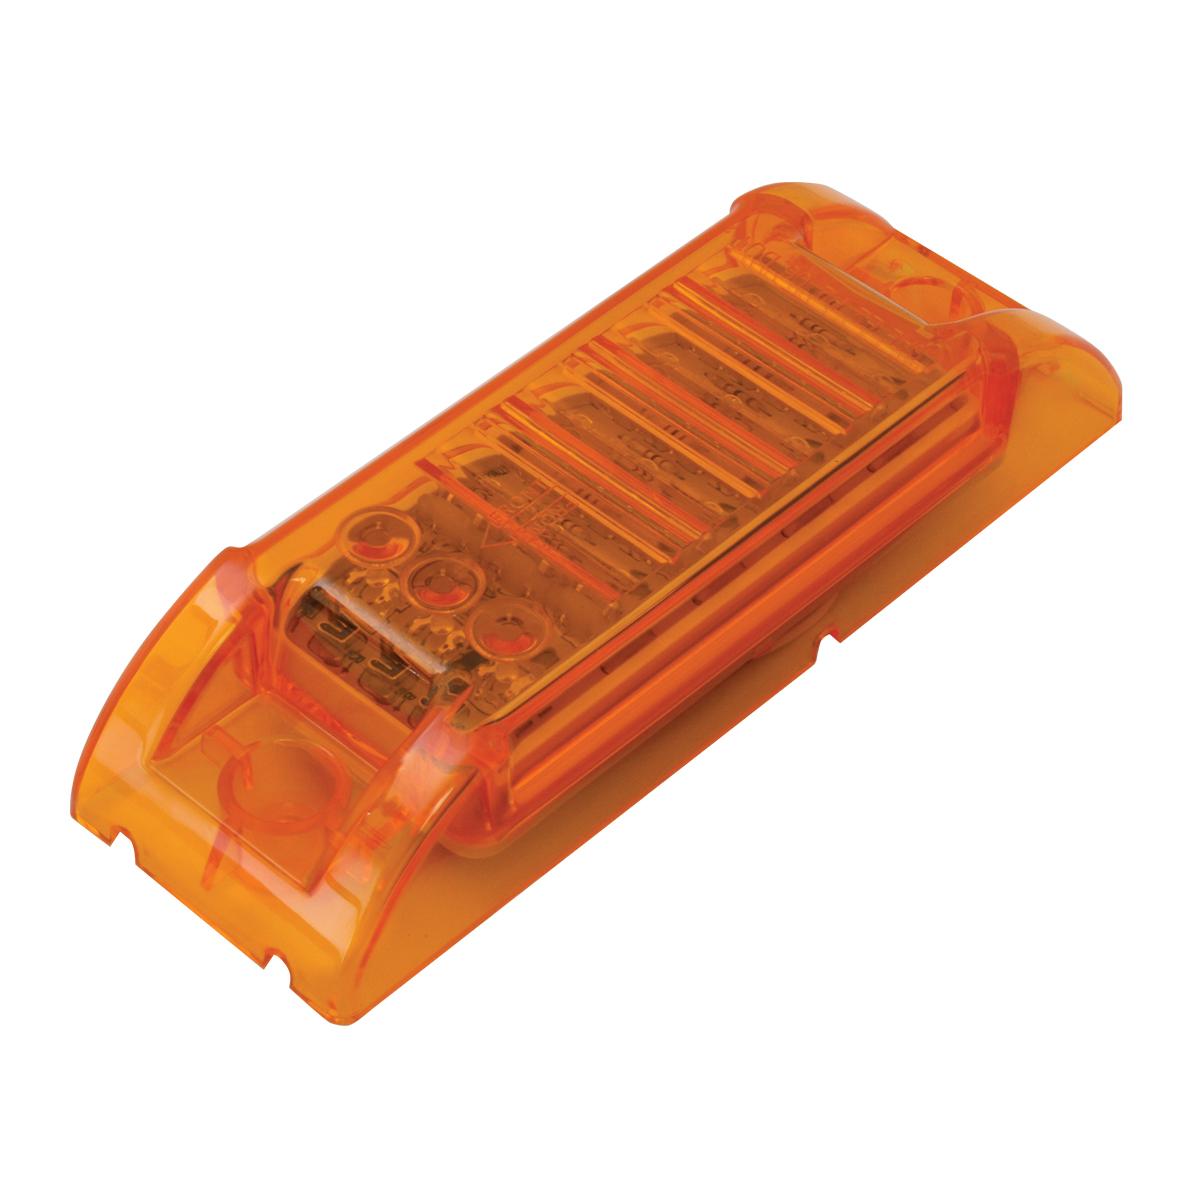 77664 Rectangular LED Turn & Marker Light in Amber/Amber